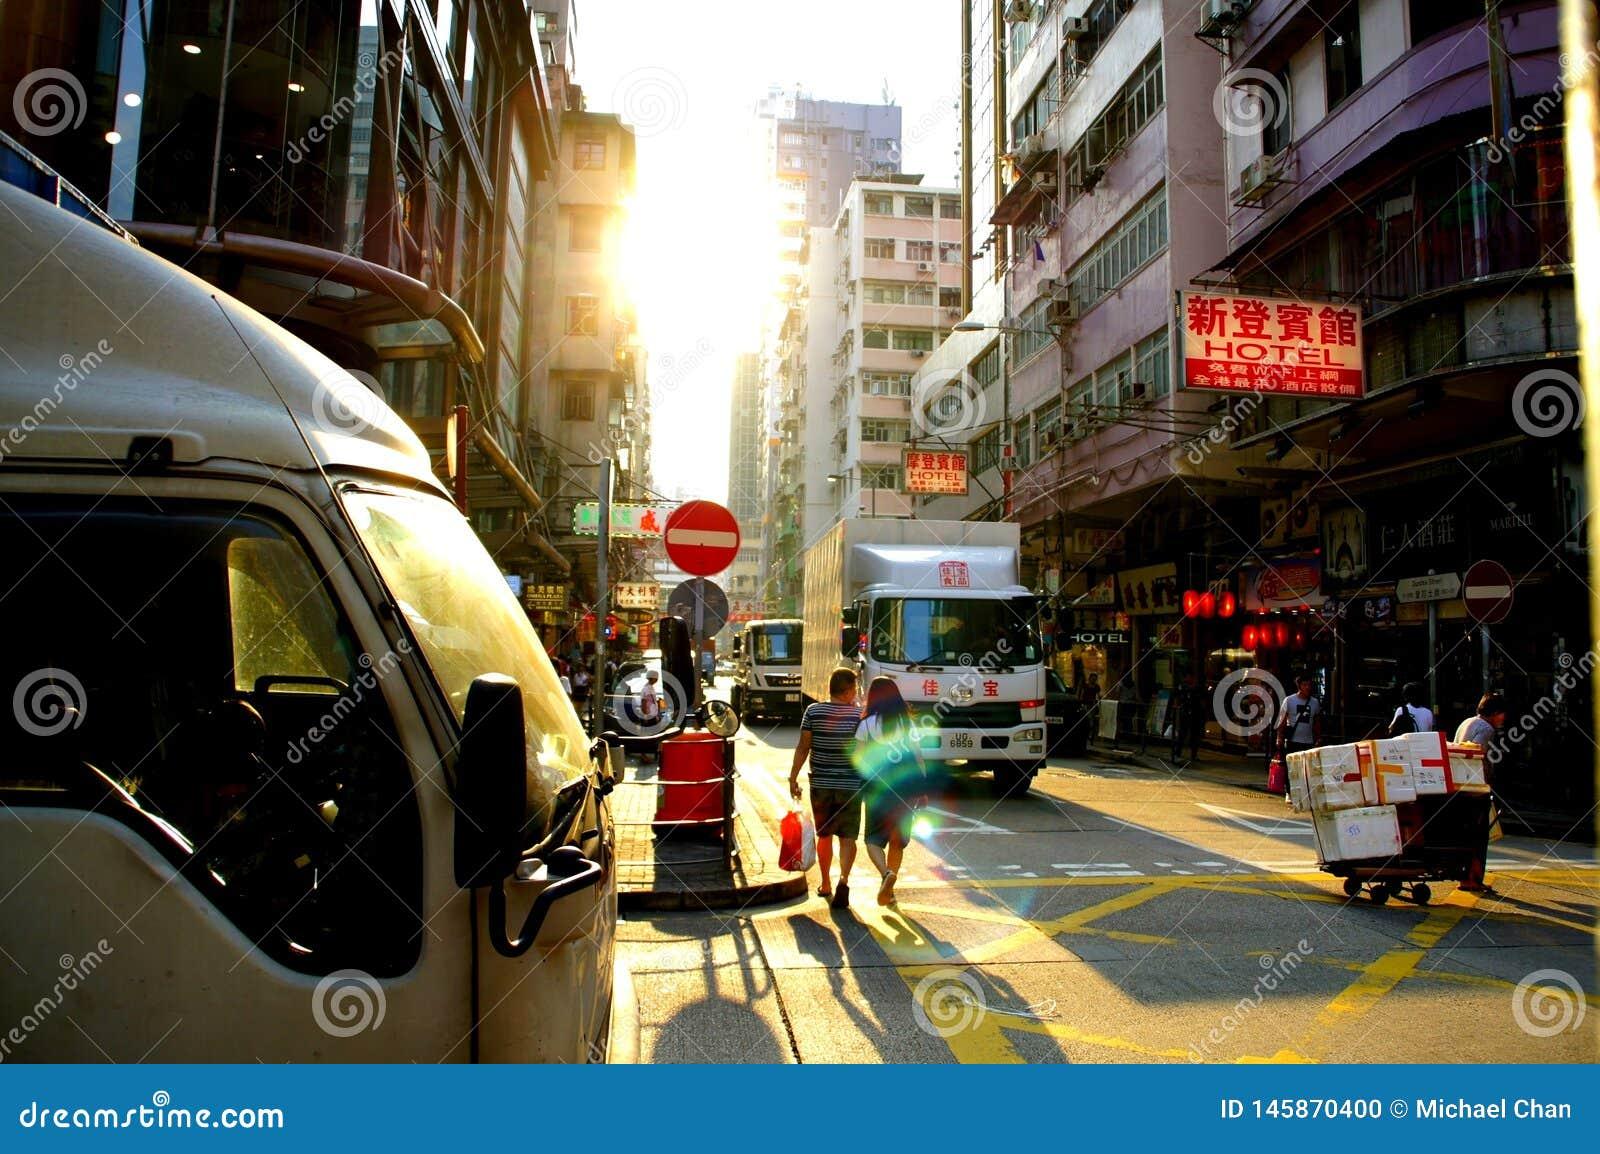 邓达斯街在九龙,香港看见油麻地